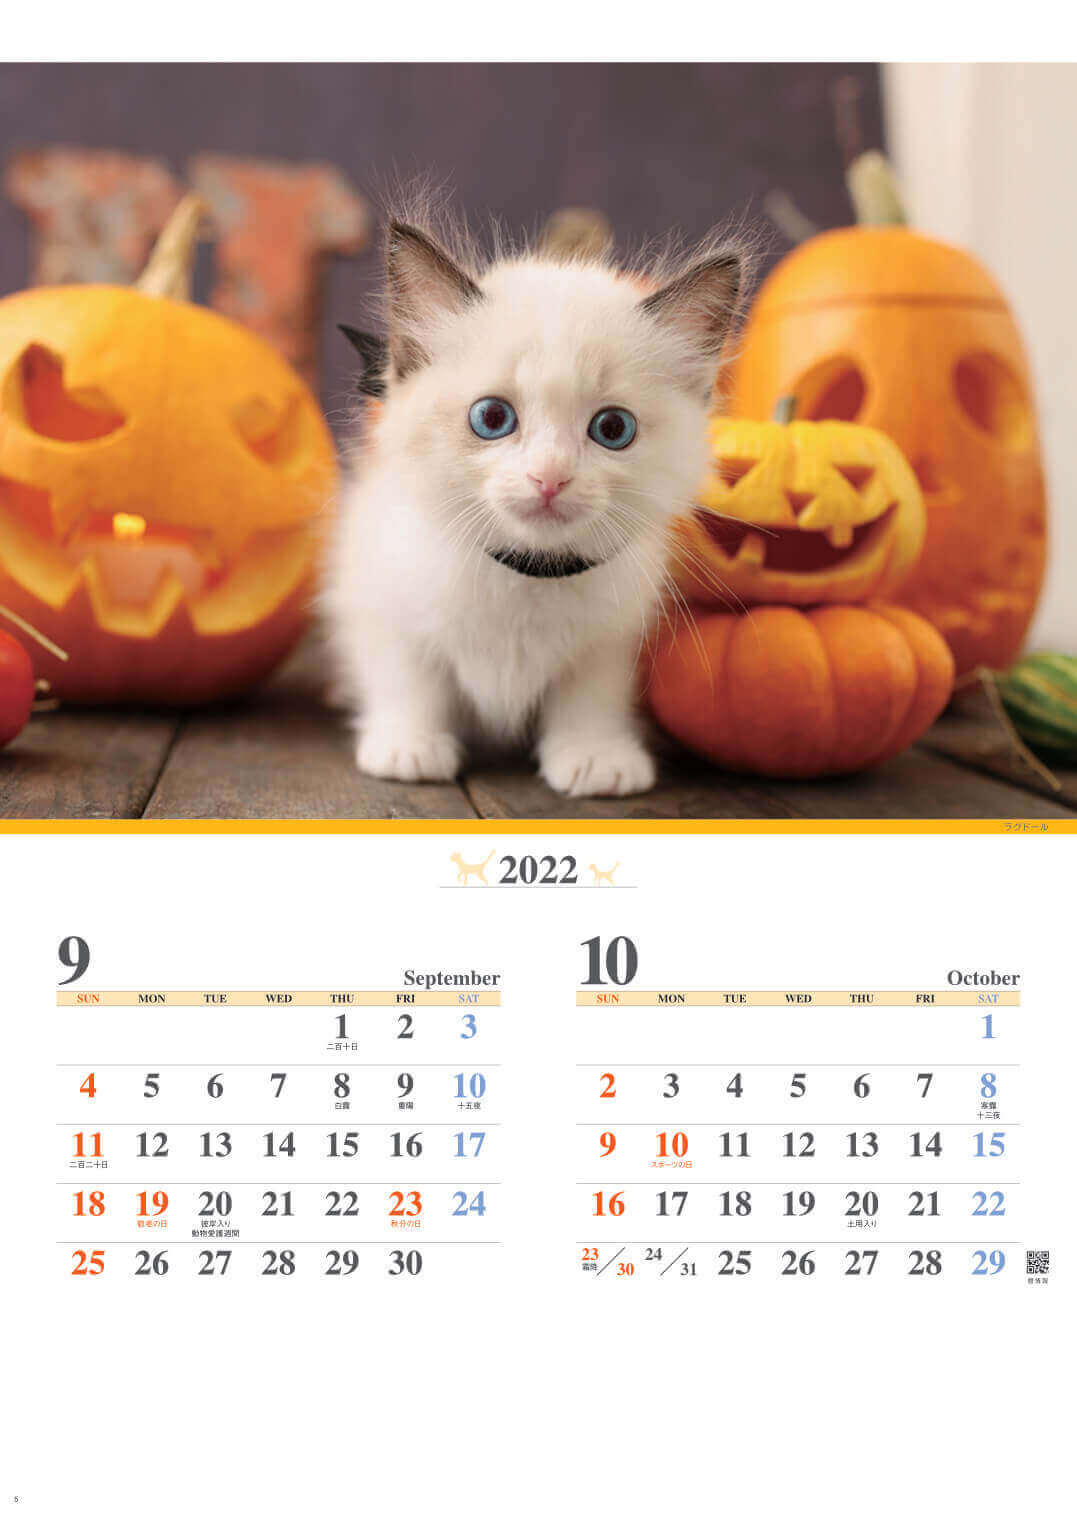 9-10月 ラグドール キャッツファミリー 2022年カレンダーの画像